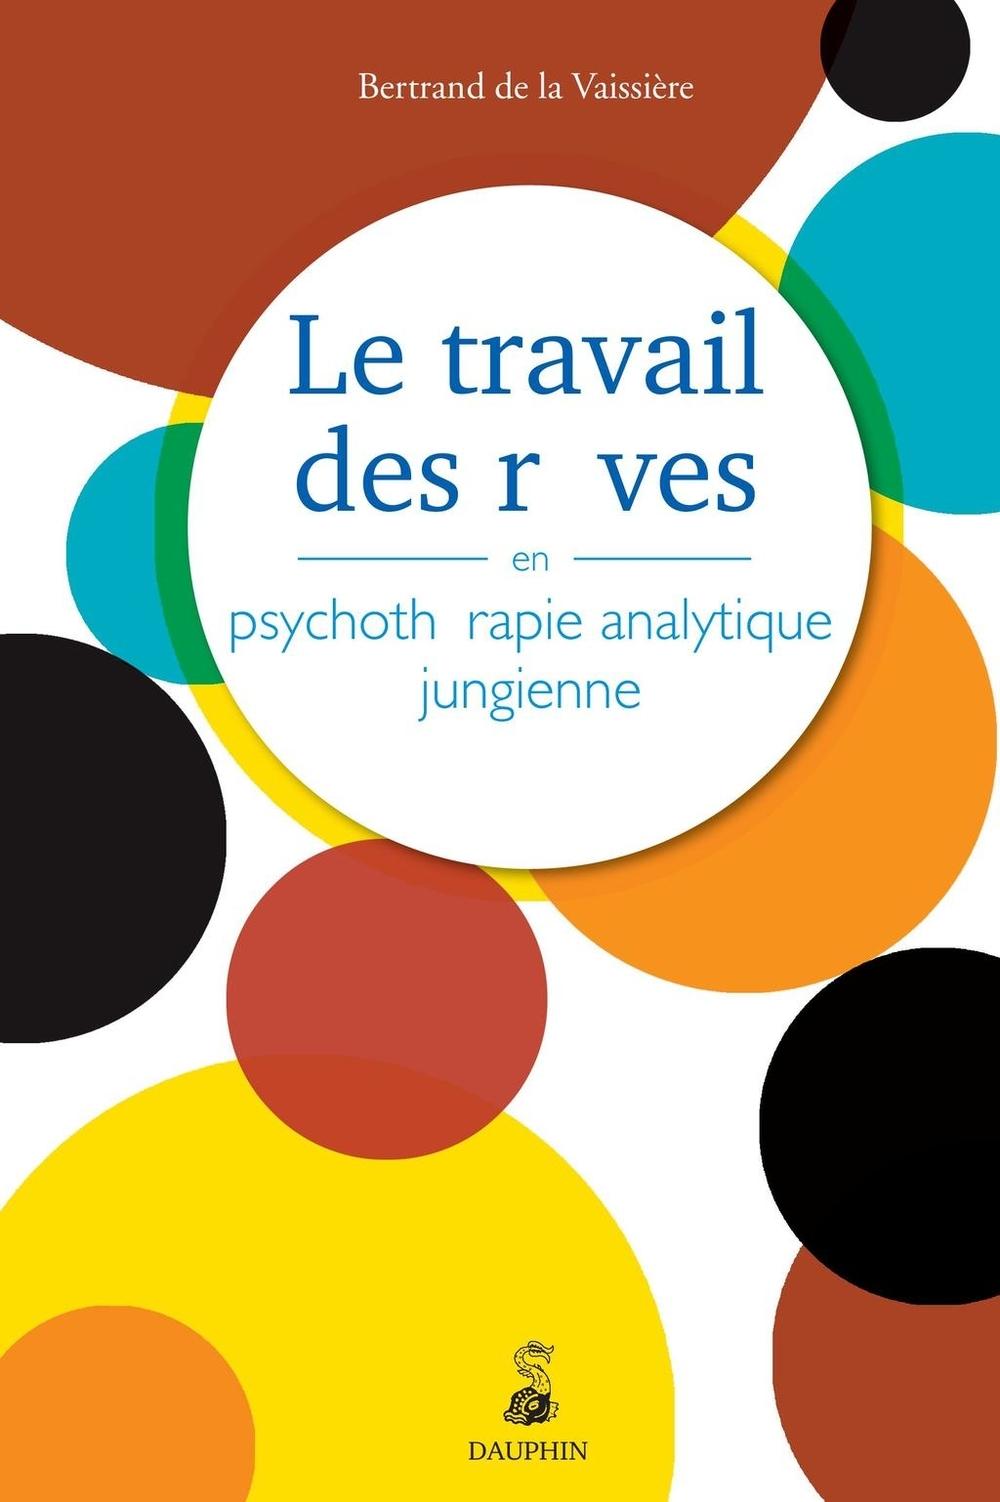 Le travail des rêves en psychothérapie analytique jungienne